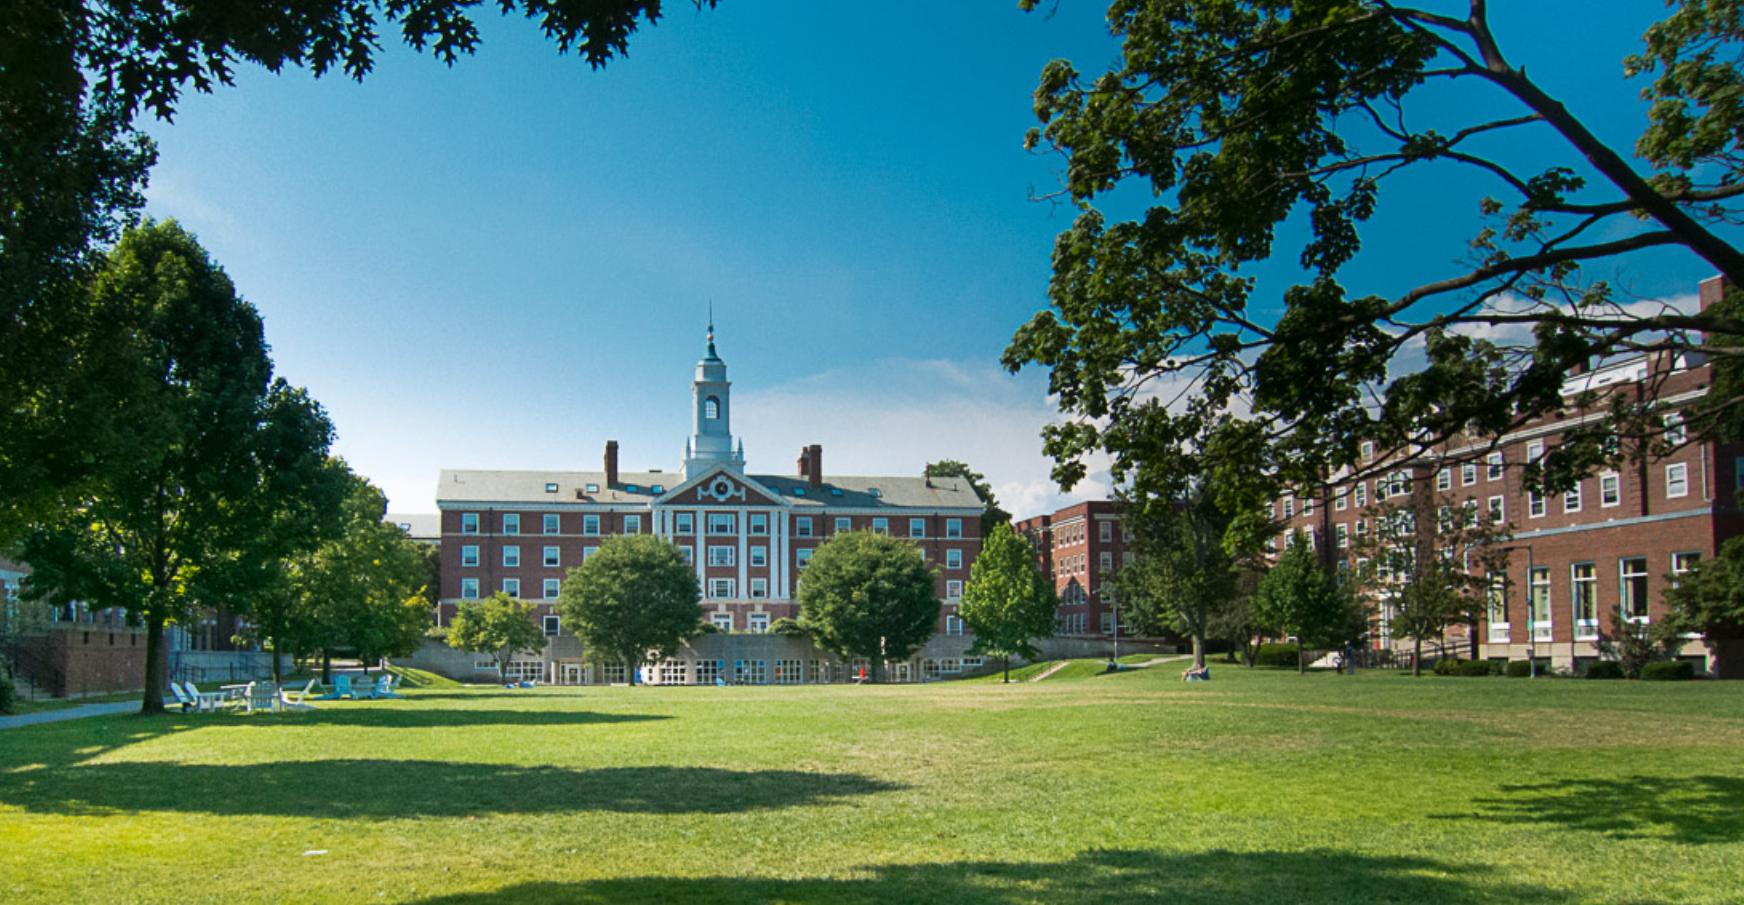 Джон Гарвард какое отношение имеет миссионер к всемирно известному университету